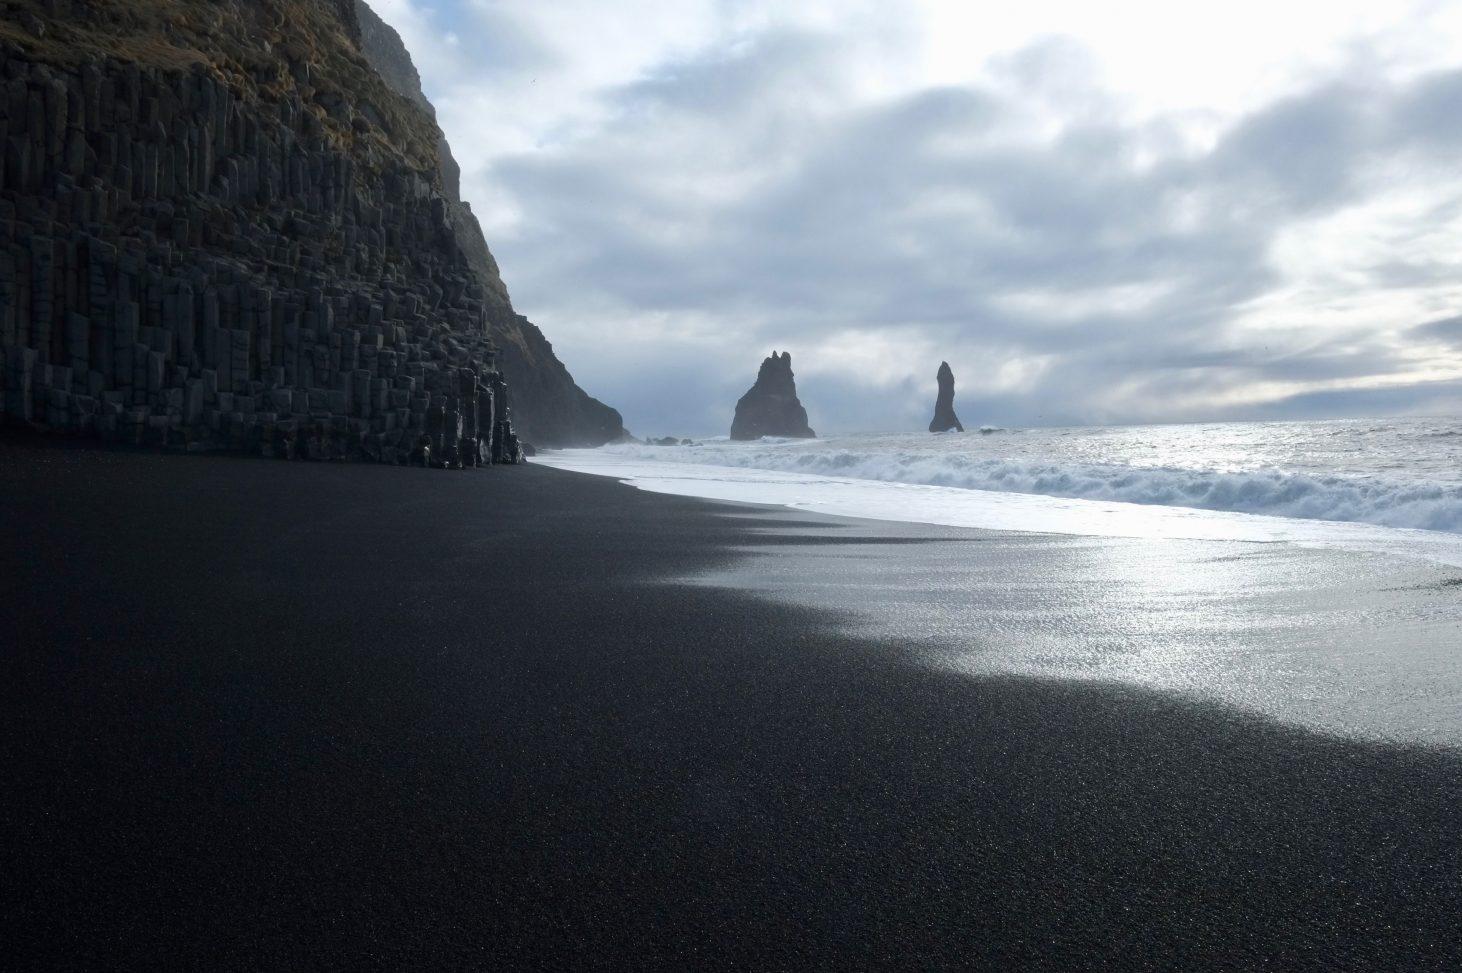 La superbe plage de Reynisfjara